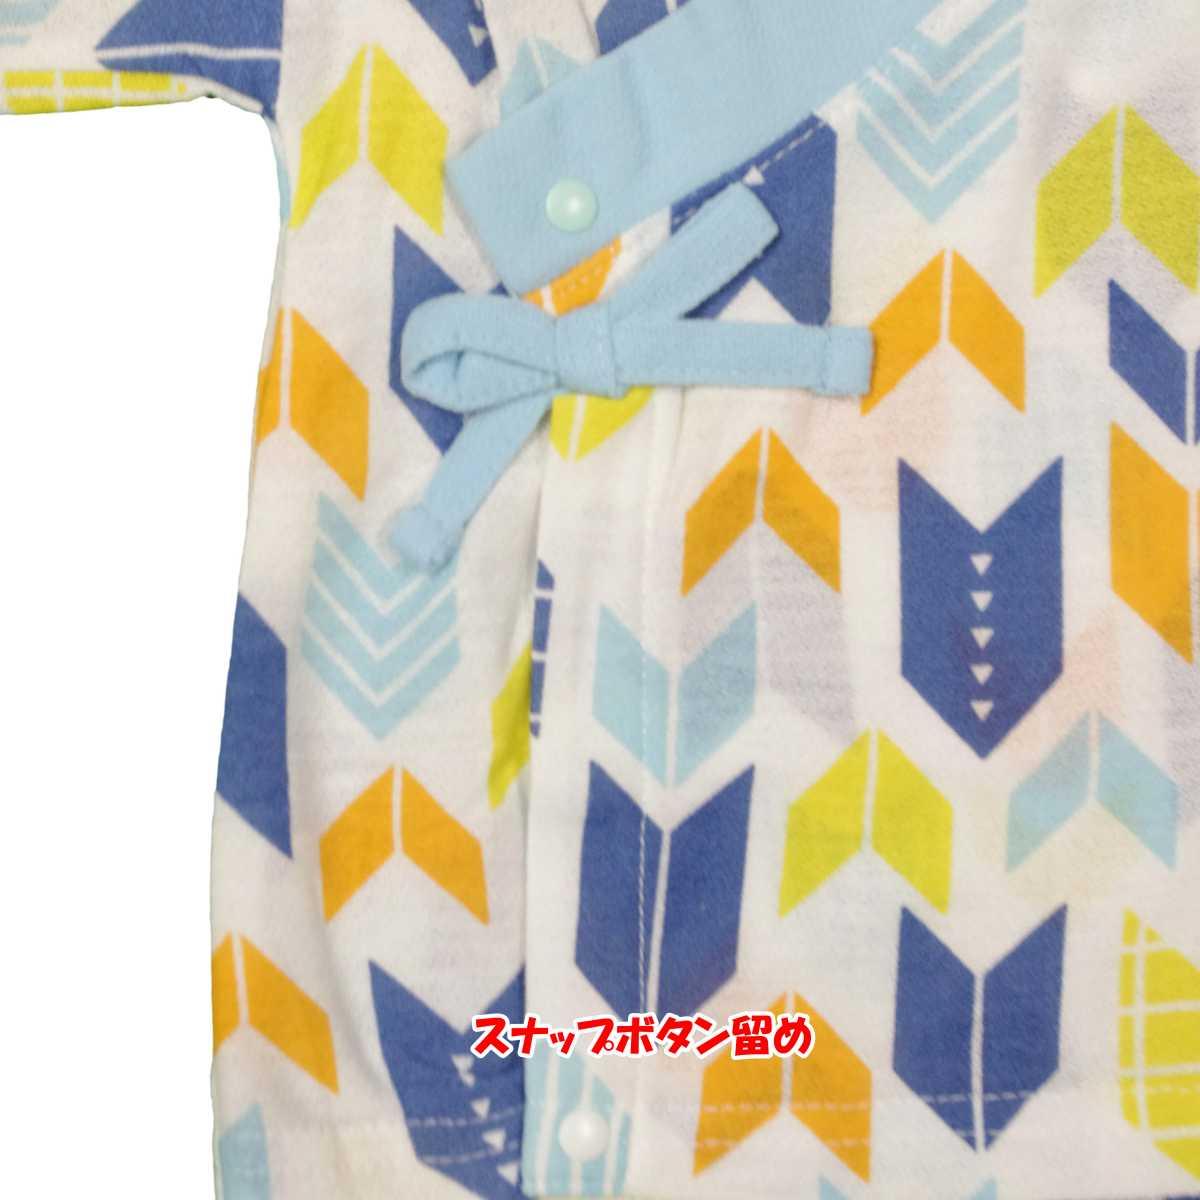 726134366cf74 ボーイズキッズパジャマ PETITCADEAU 甚平風半袖パジャマ上下セット・矢・和